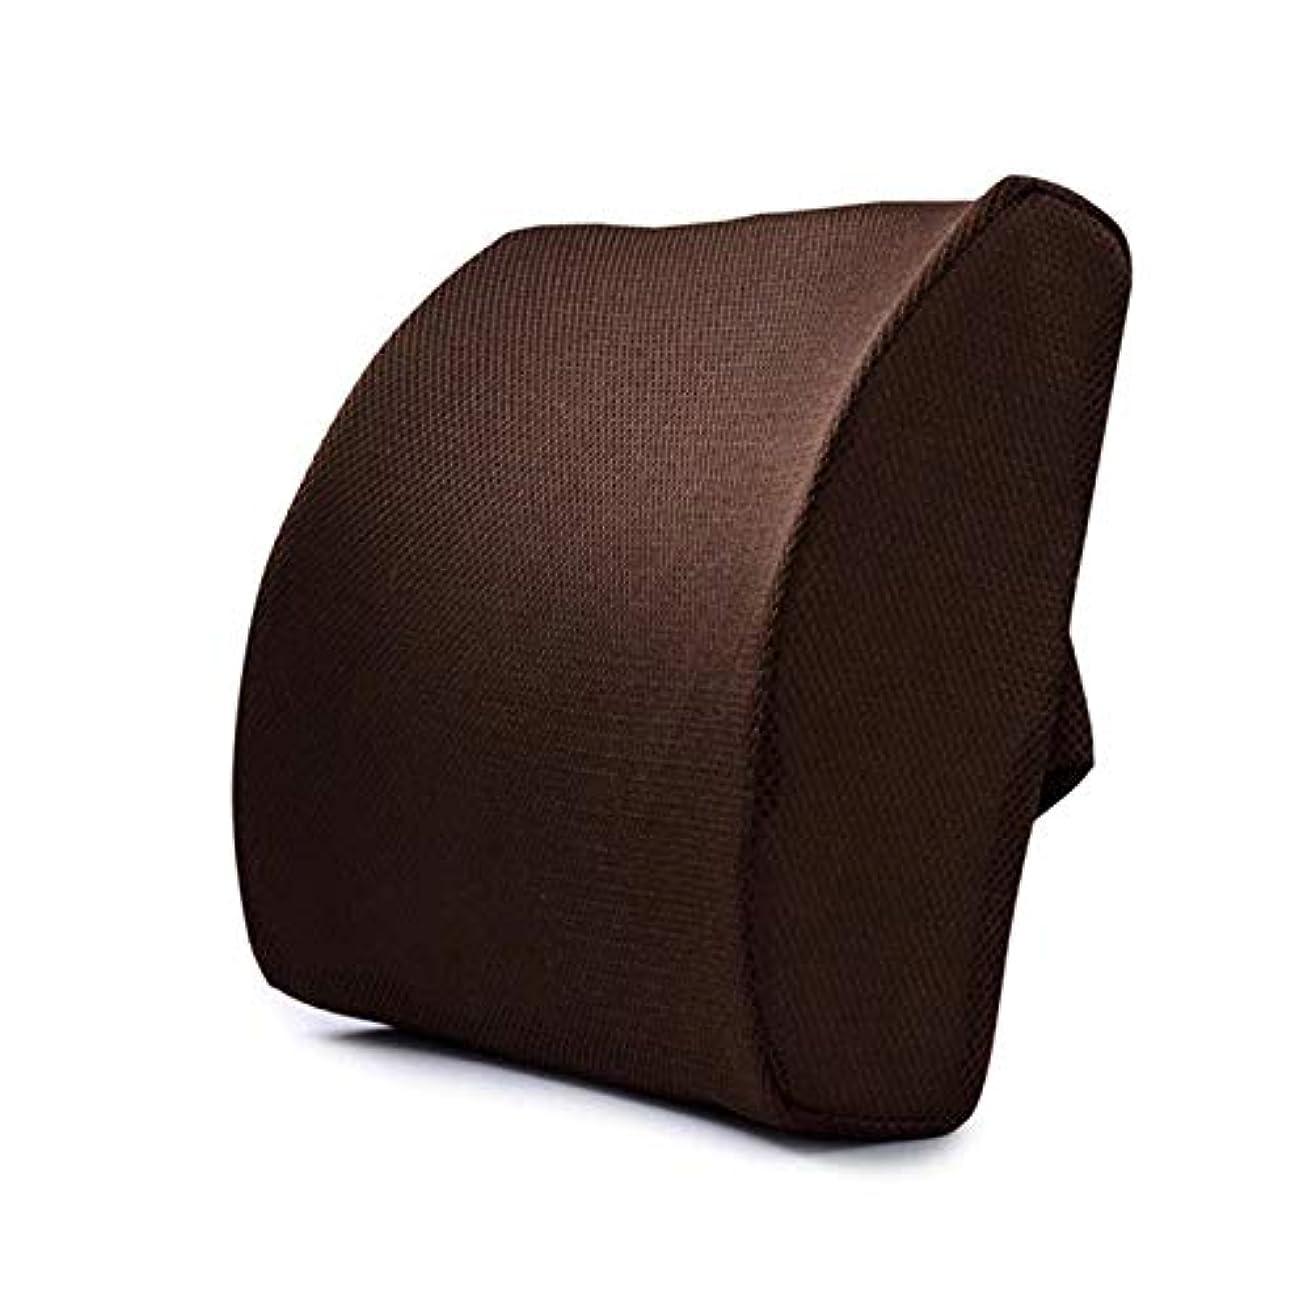 コース適応復讐LIFE ホームオフィス背もたれ椅子腰椎クッションカーシートネック枕 3D 低反発サポートバックマッサージウエストレスリビング枕 クッション 椅子